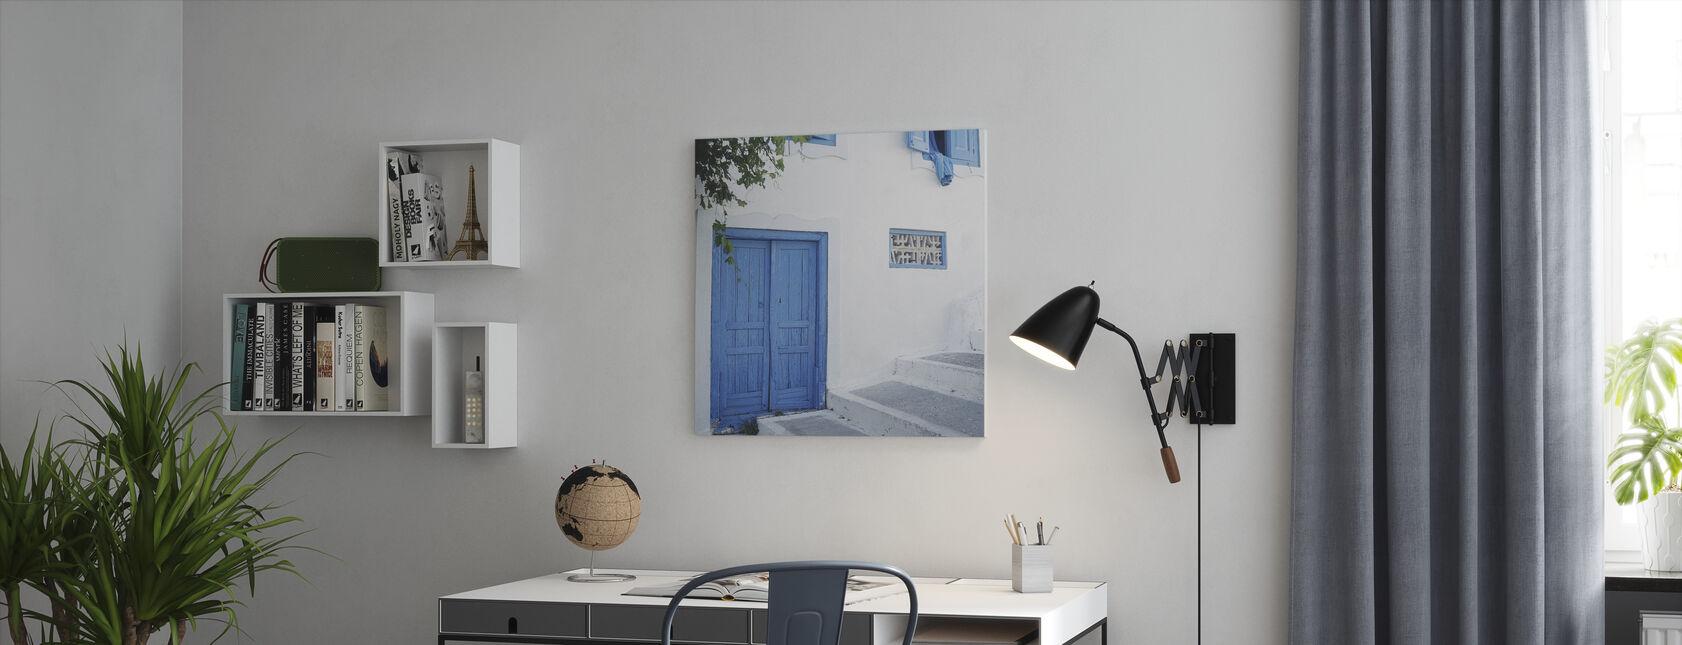 The Door - Canvas print - Office